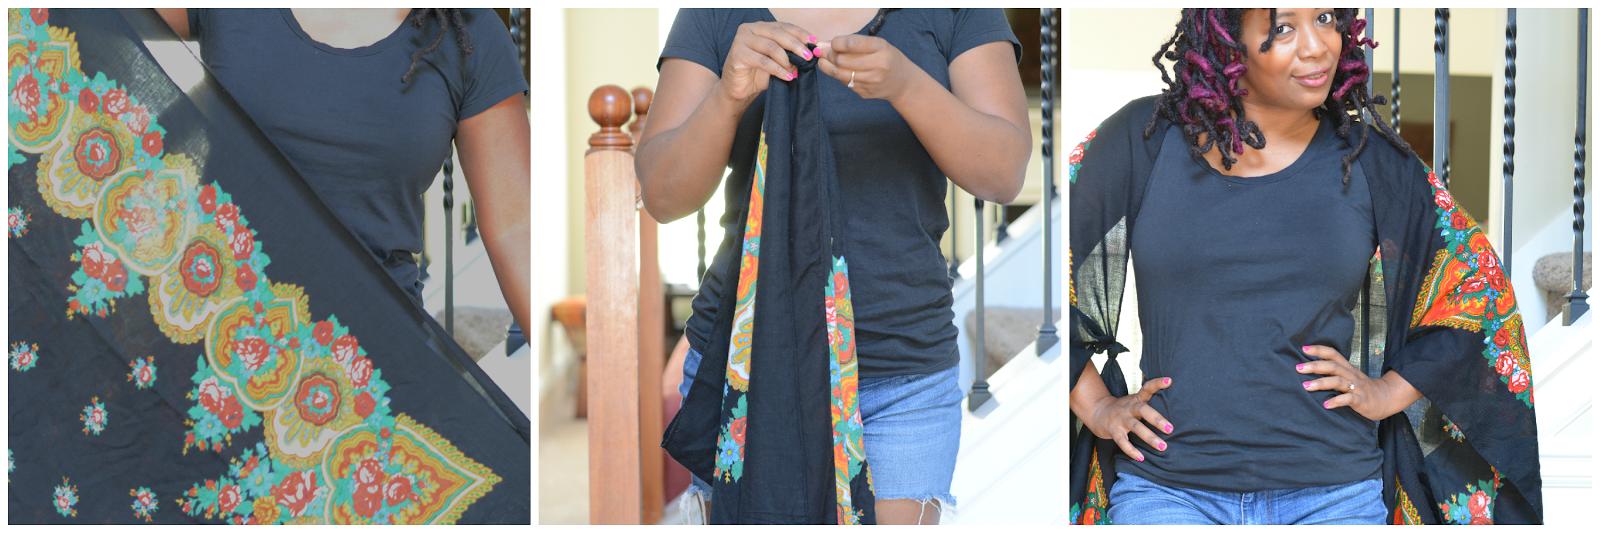 scarf worn kimono style